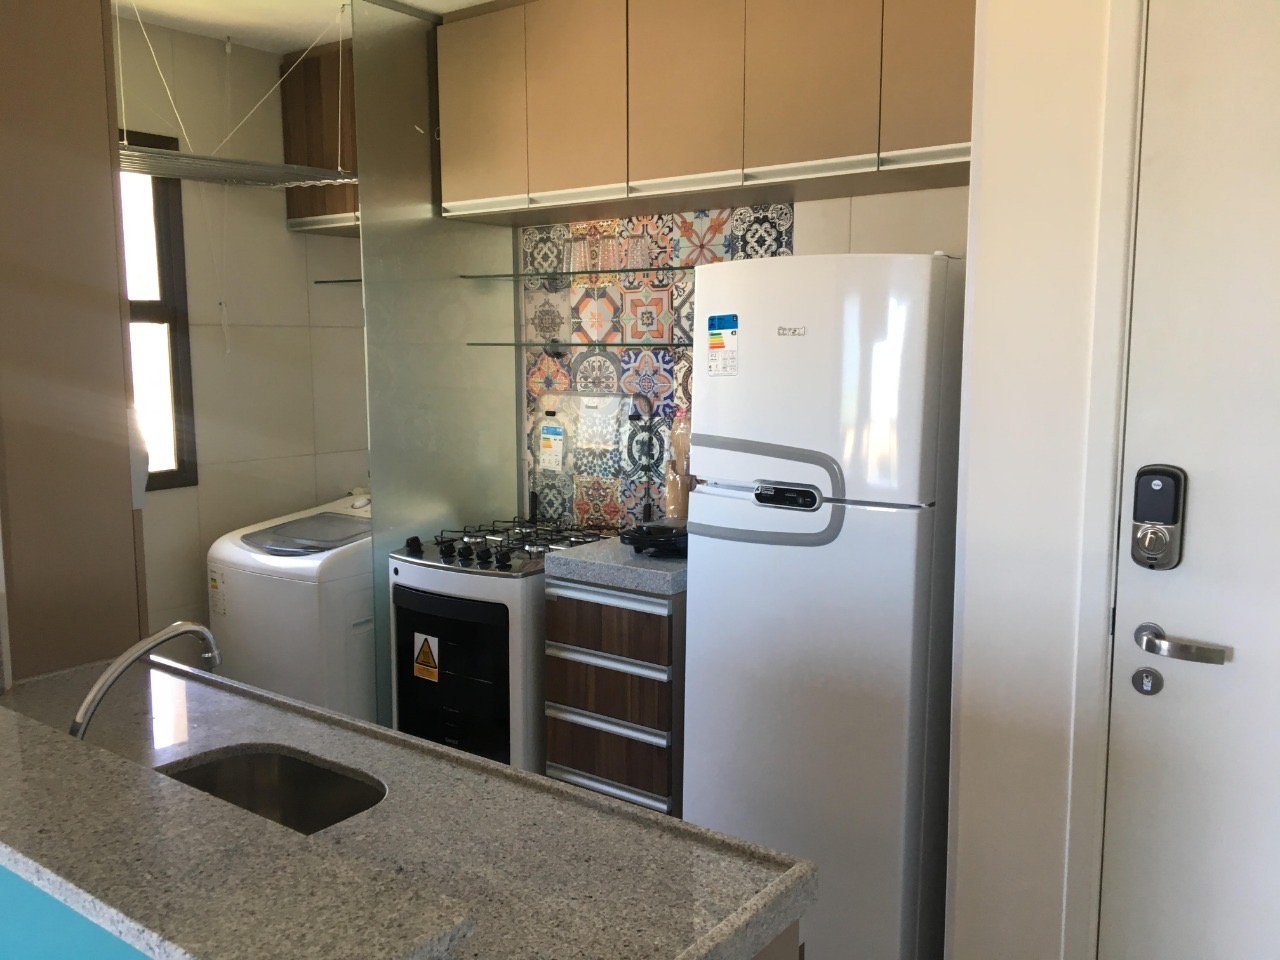 2 diárias (segunda a quinta) em apartamento para até 4 pessoas (adulto ou criança) de R$650,00 por apenas R$480,00